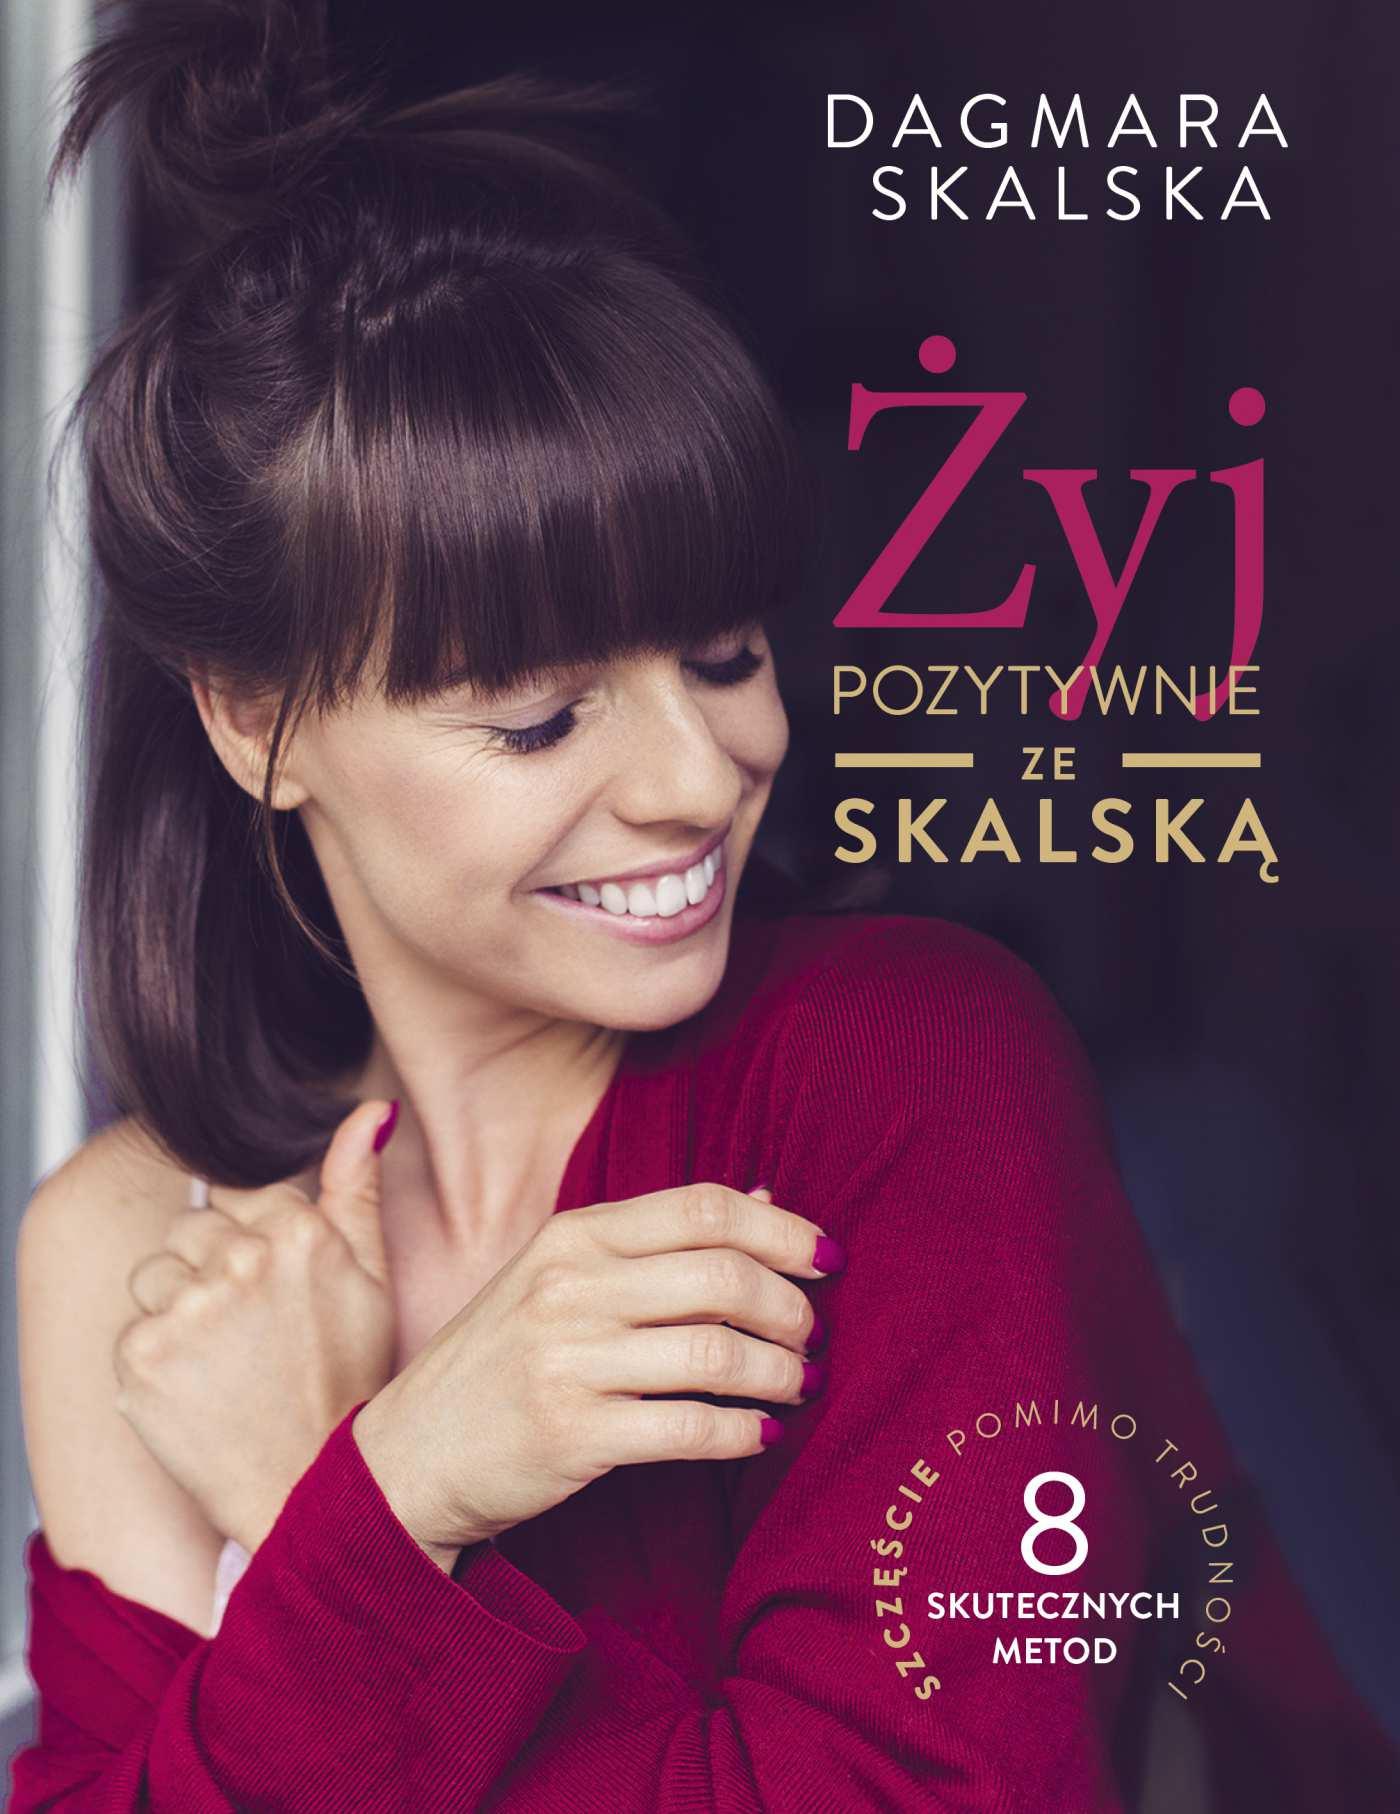 Żyj pozytywnie ze Skalską - Ebook (Książka EPUB) do pobrania w formacie EPUB